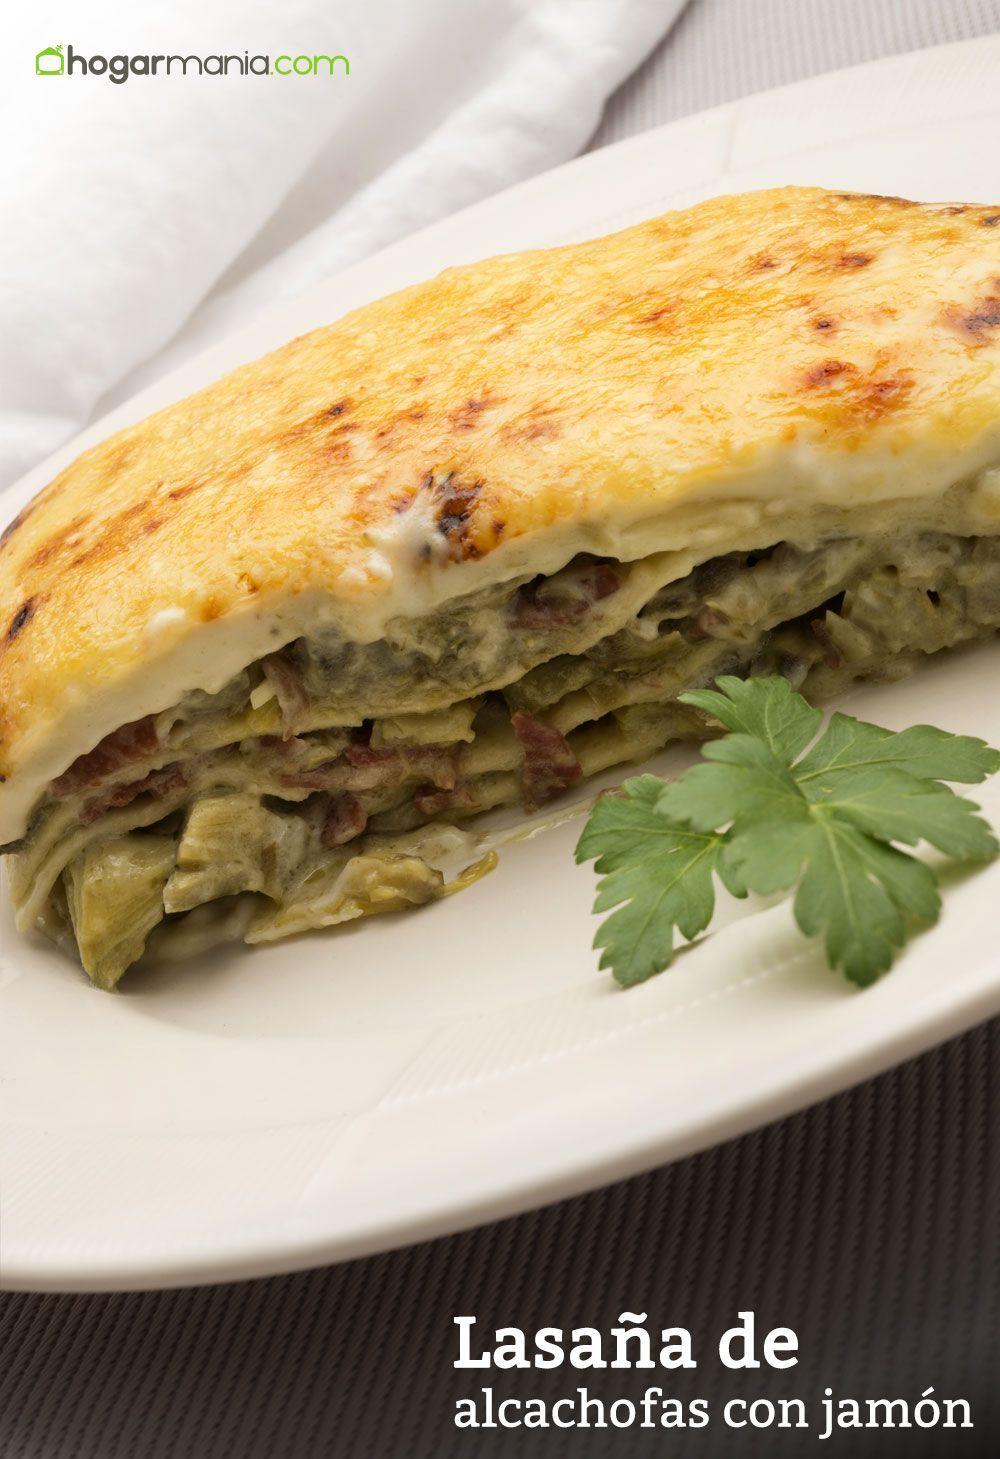 Lasa a de alcachofas con jam n recetas light dietas pinterest lasa a jamon y receta - Platos de pasta sencillos ...